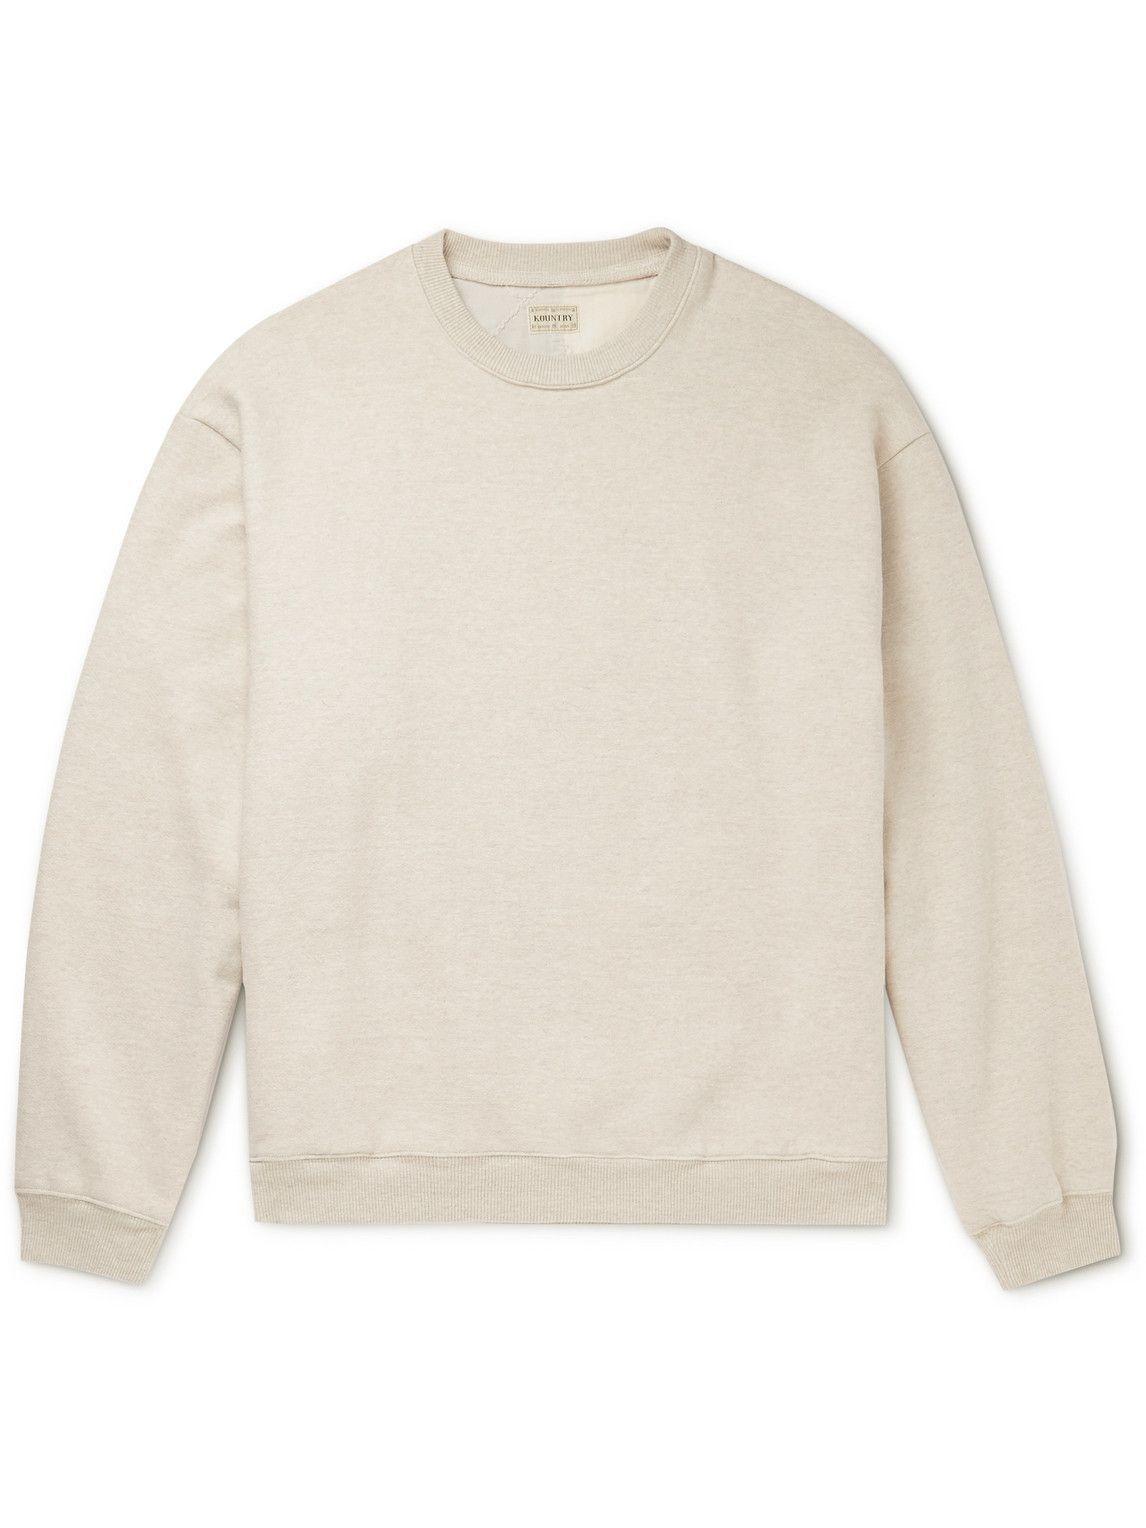 Photo: KAPITAL - Patchwork Cotton-Jersey Sweatshirt - Neutrals